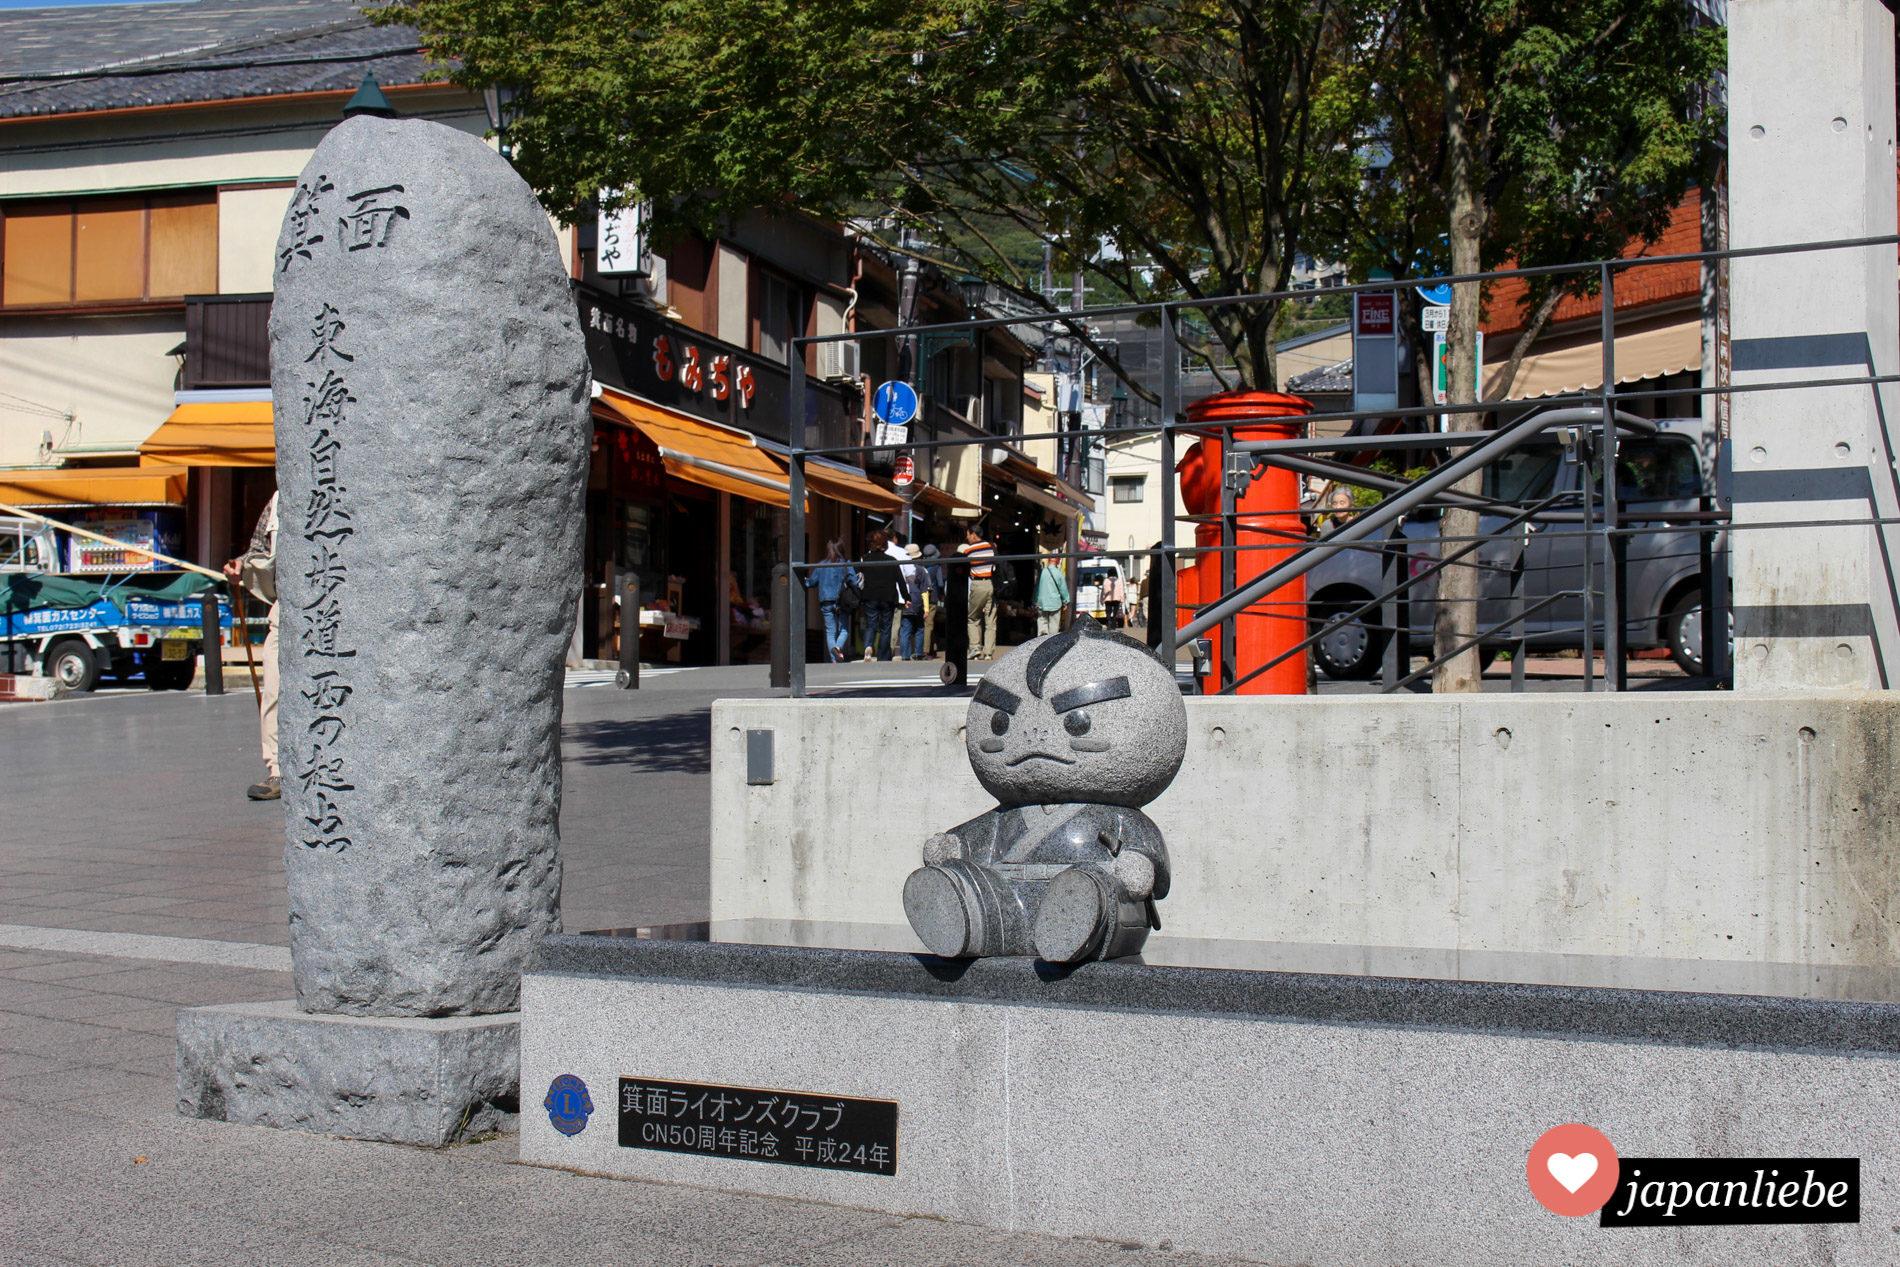 Takinomichi Yuzuru ist das Stadtmaskottchen von Minoo. Er ist ein sanftmütiger Samurai mit einer japanischen Zitrone als Kopf.